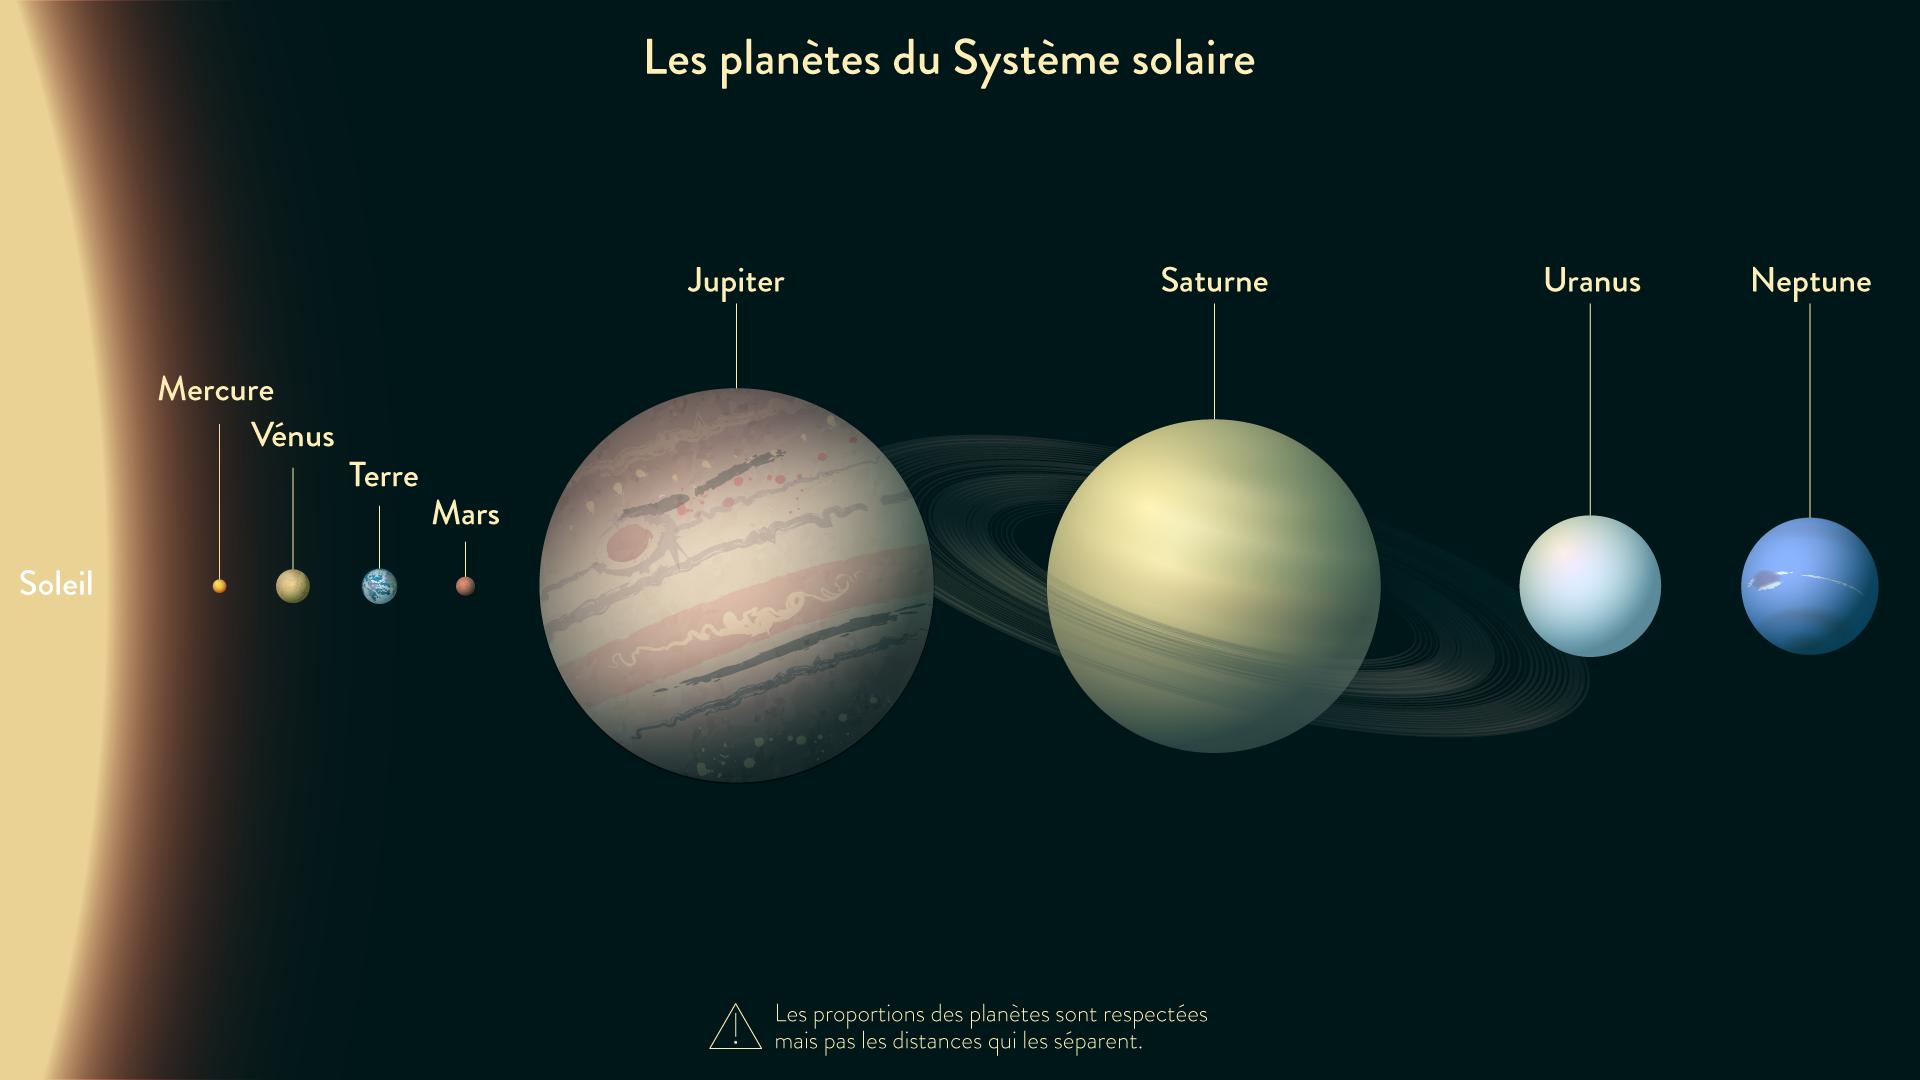 Les planètes du système solaire